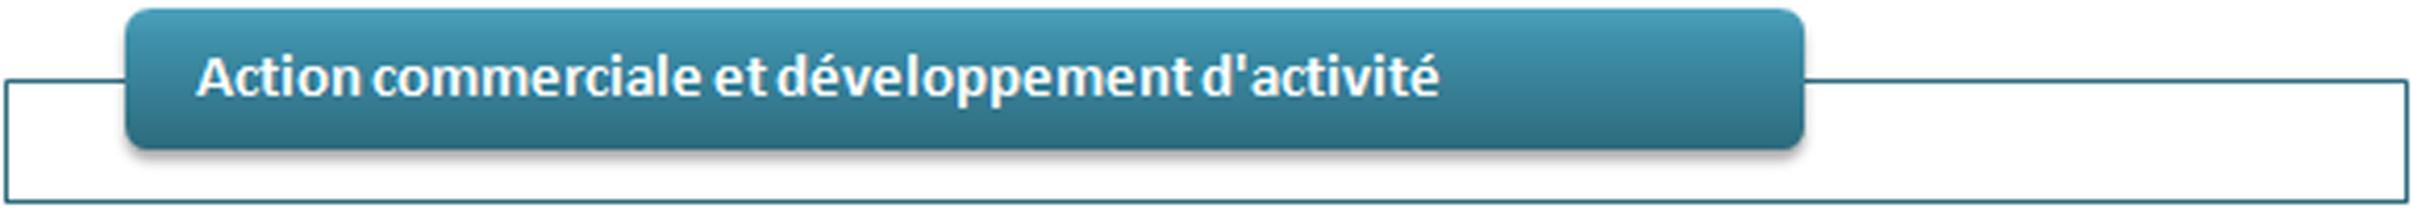 Action commerciale développement activité